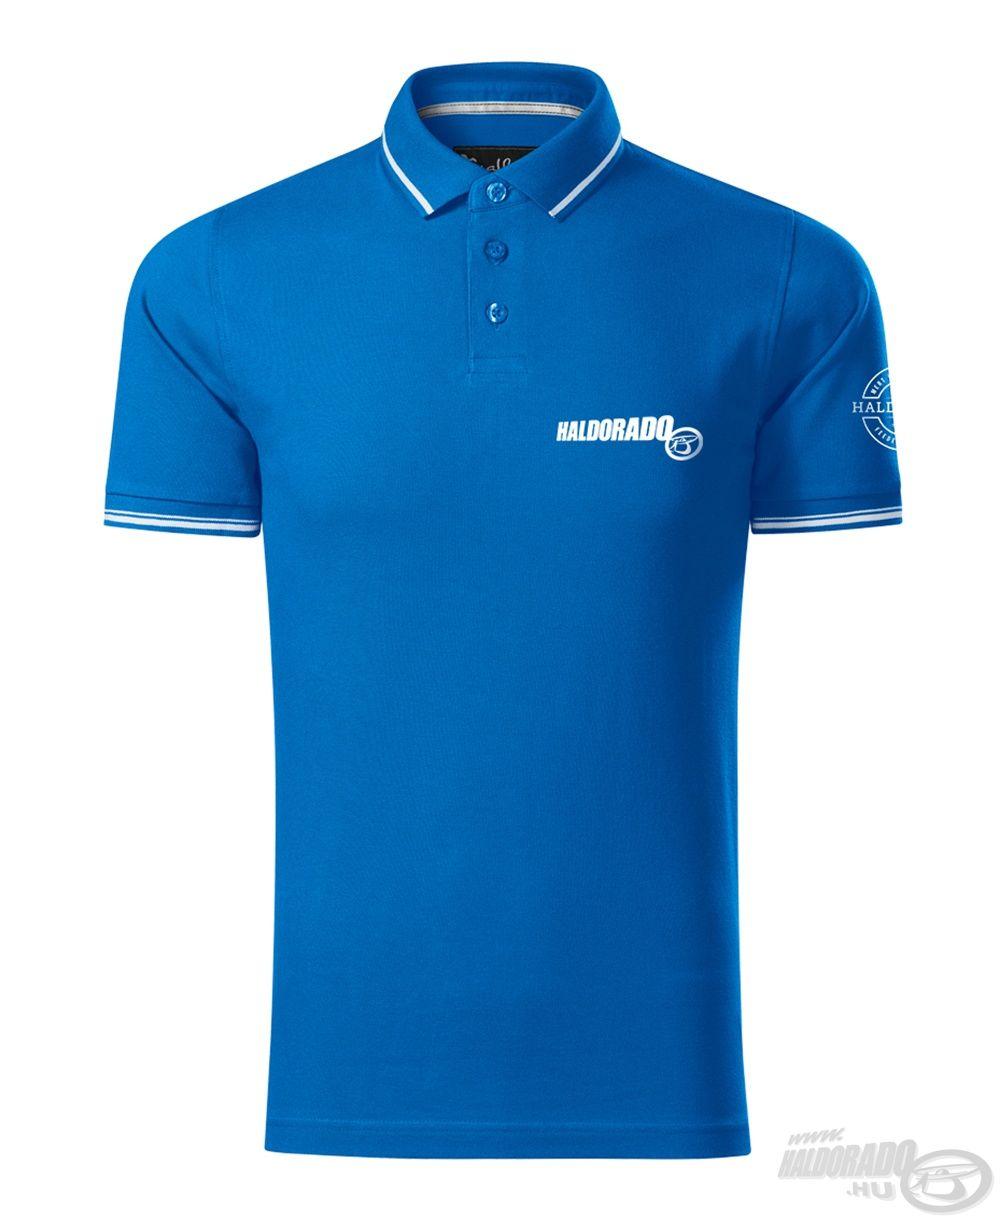 A Feeder Team Performance királykék színű galléros póló 95% pamut és 5% elasztán anyagból készült